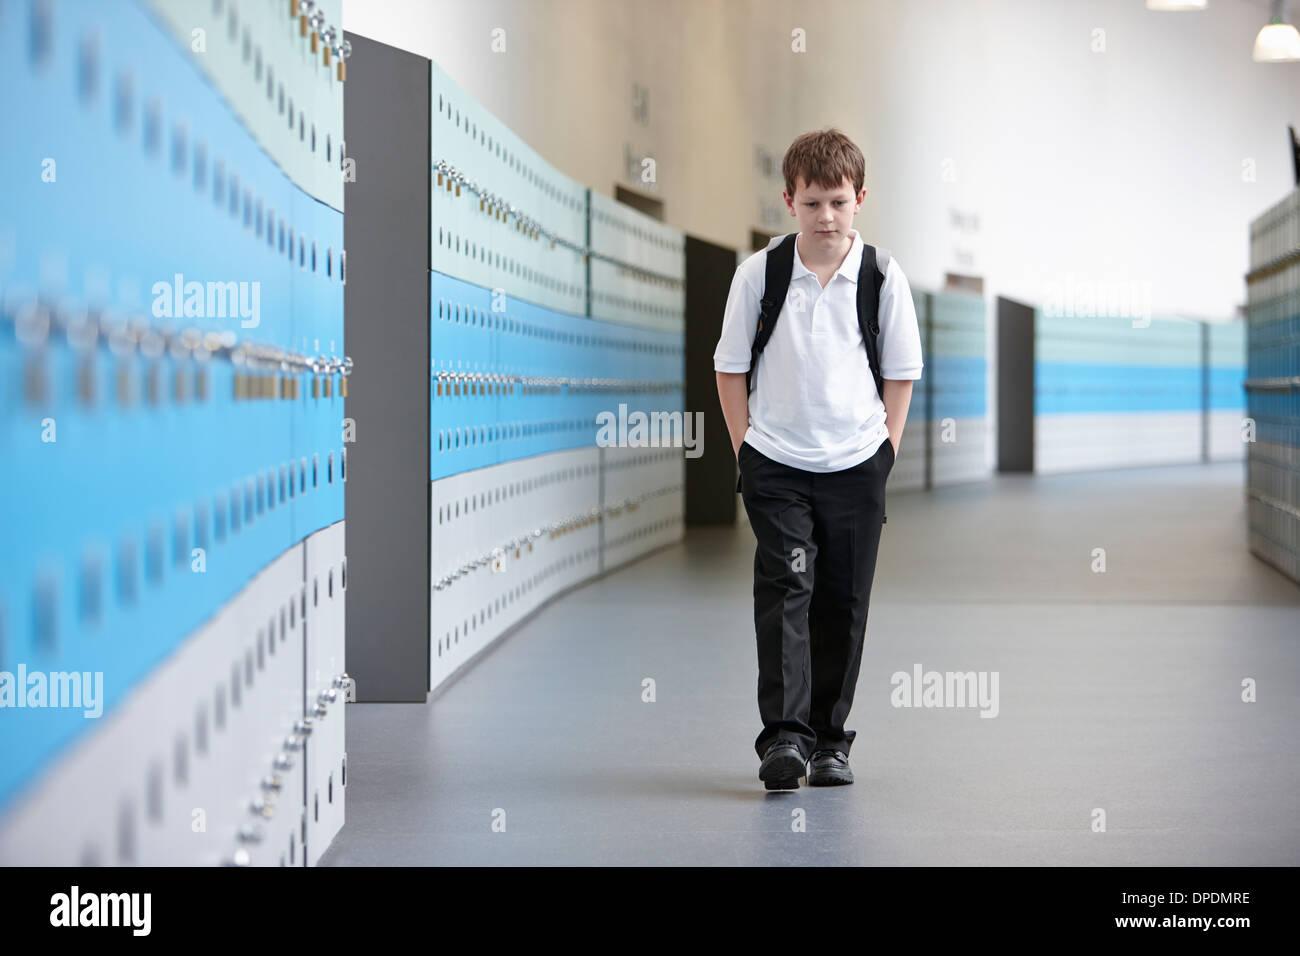 Unhappy schoolboy walking alone in school corridor - Stock Image